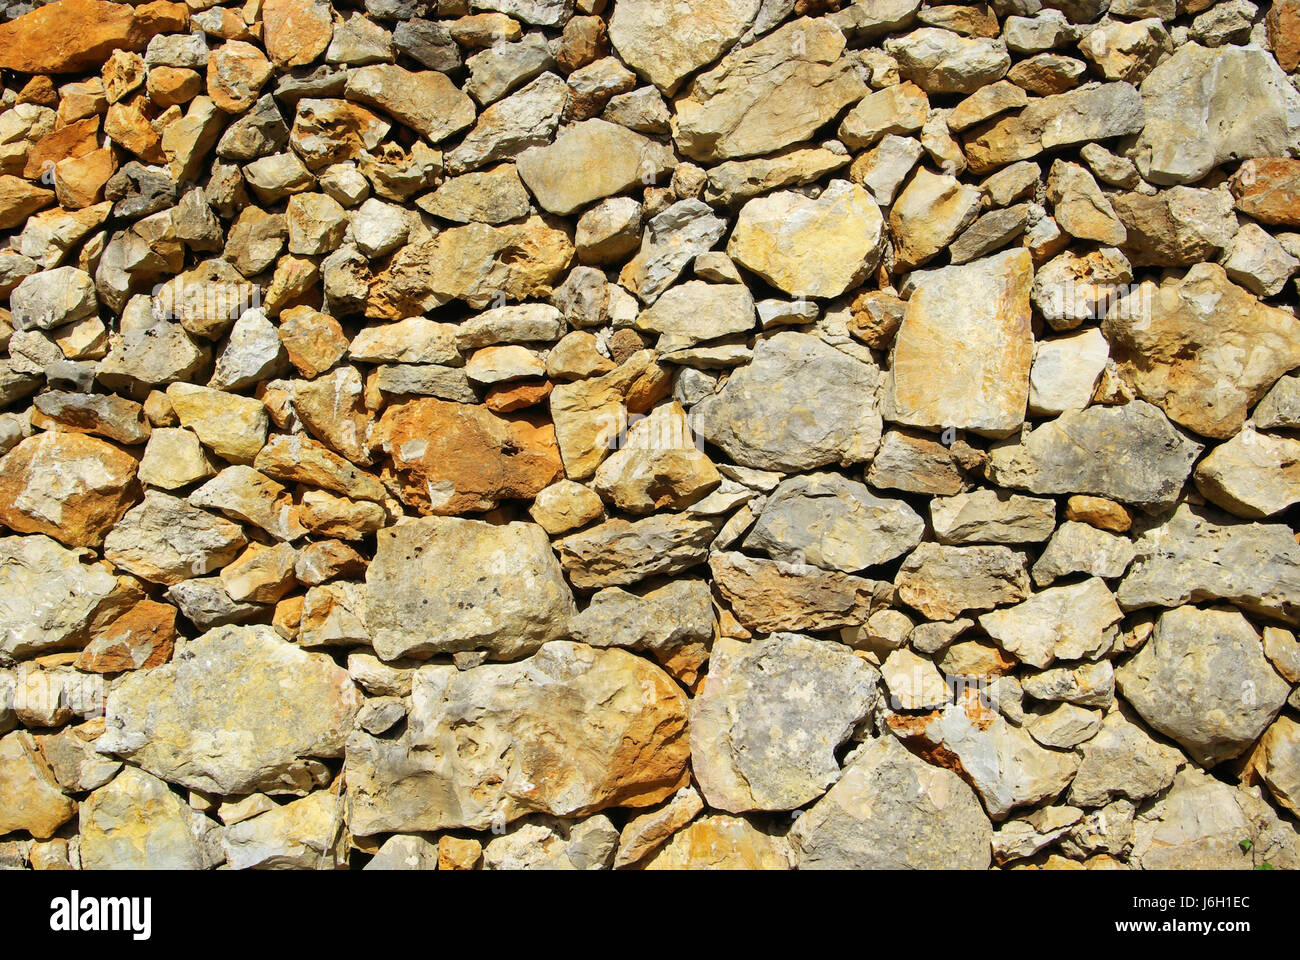 Stein Stein Mauer Granit Hunks Brocken Stein Graue Braun Grau